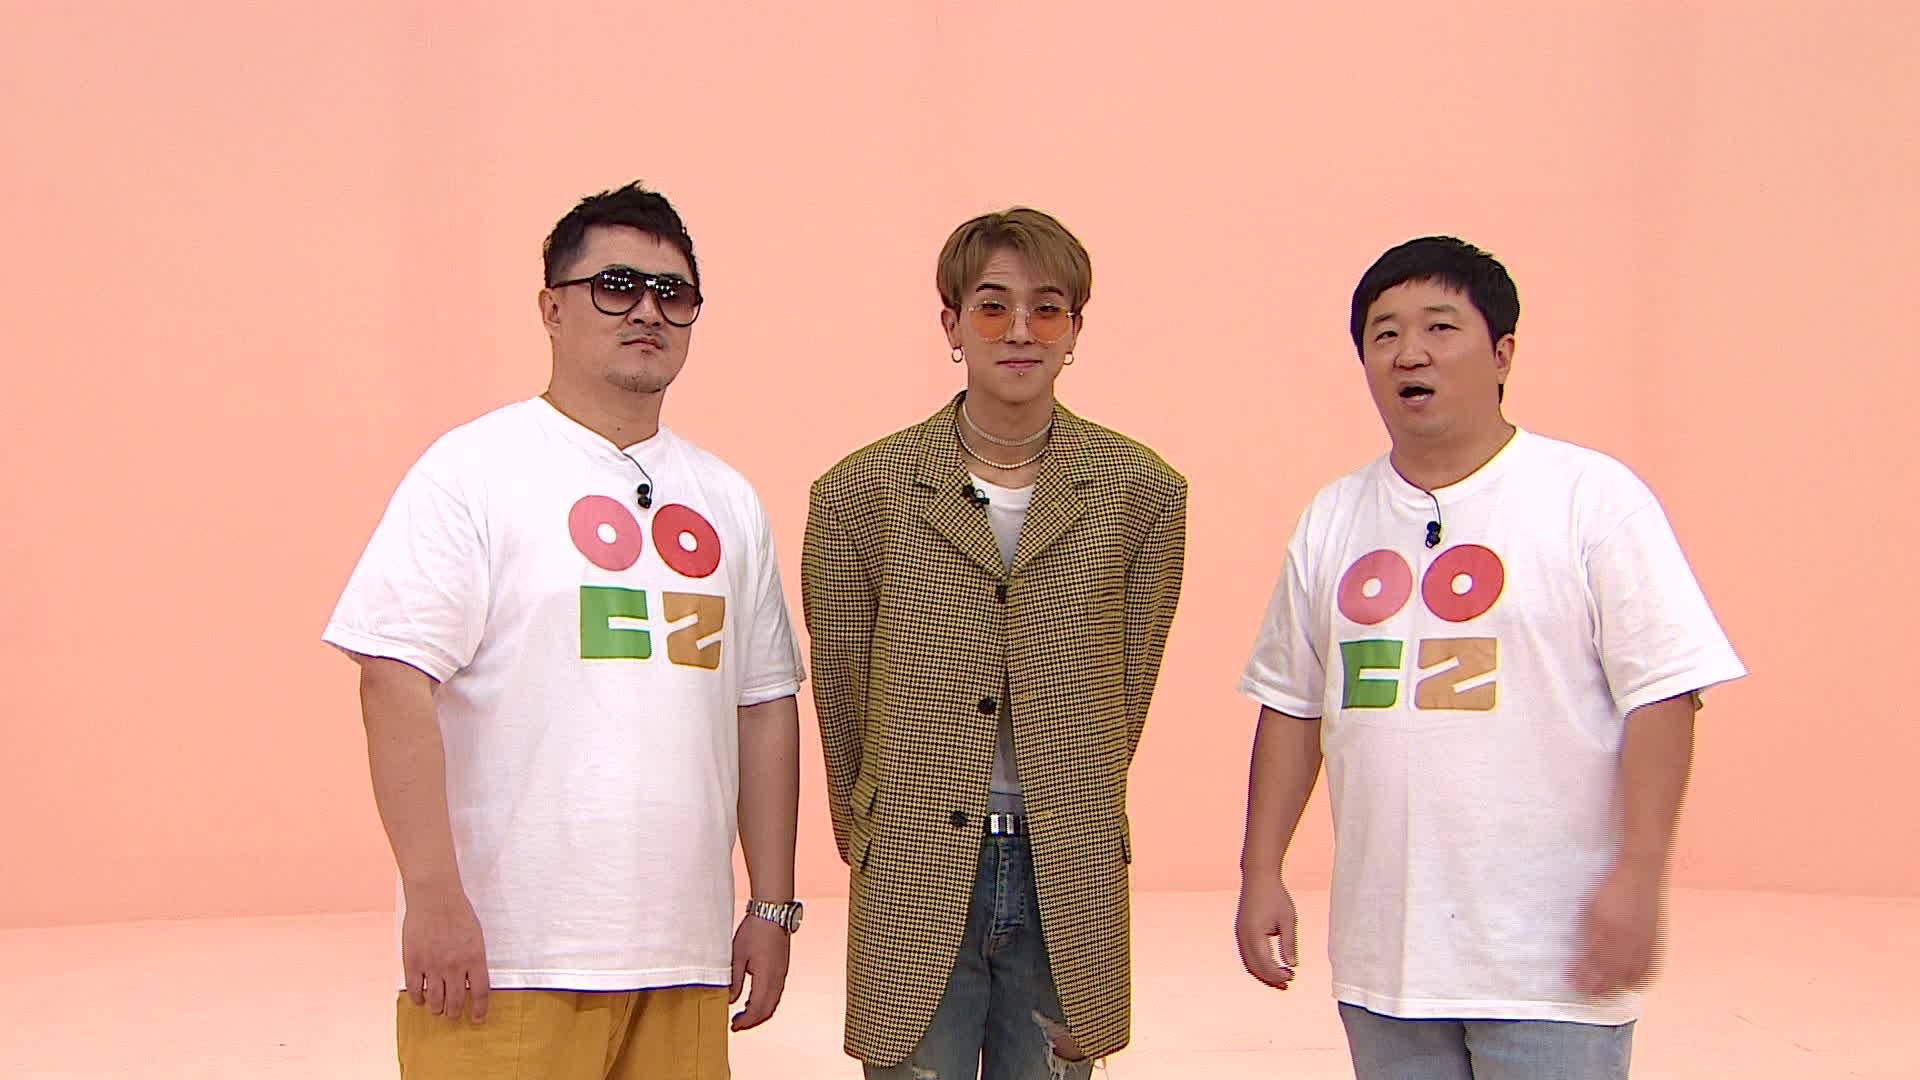 아이돌룸(IDOLROOM) 29회 선공개 - 송민호, 아이돌룸 촬영 후기와 스포일러 독점 공개!